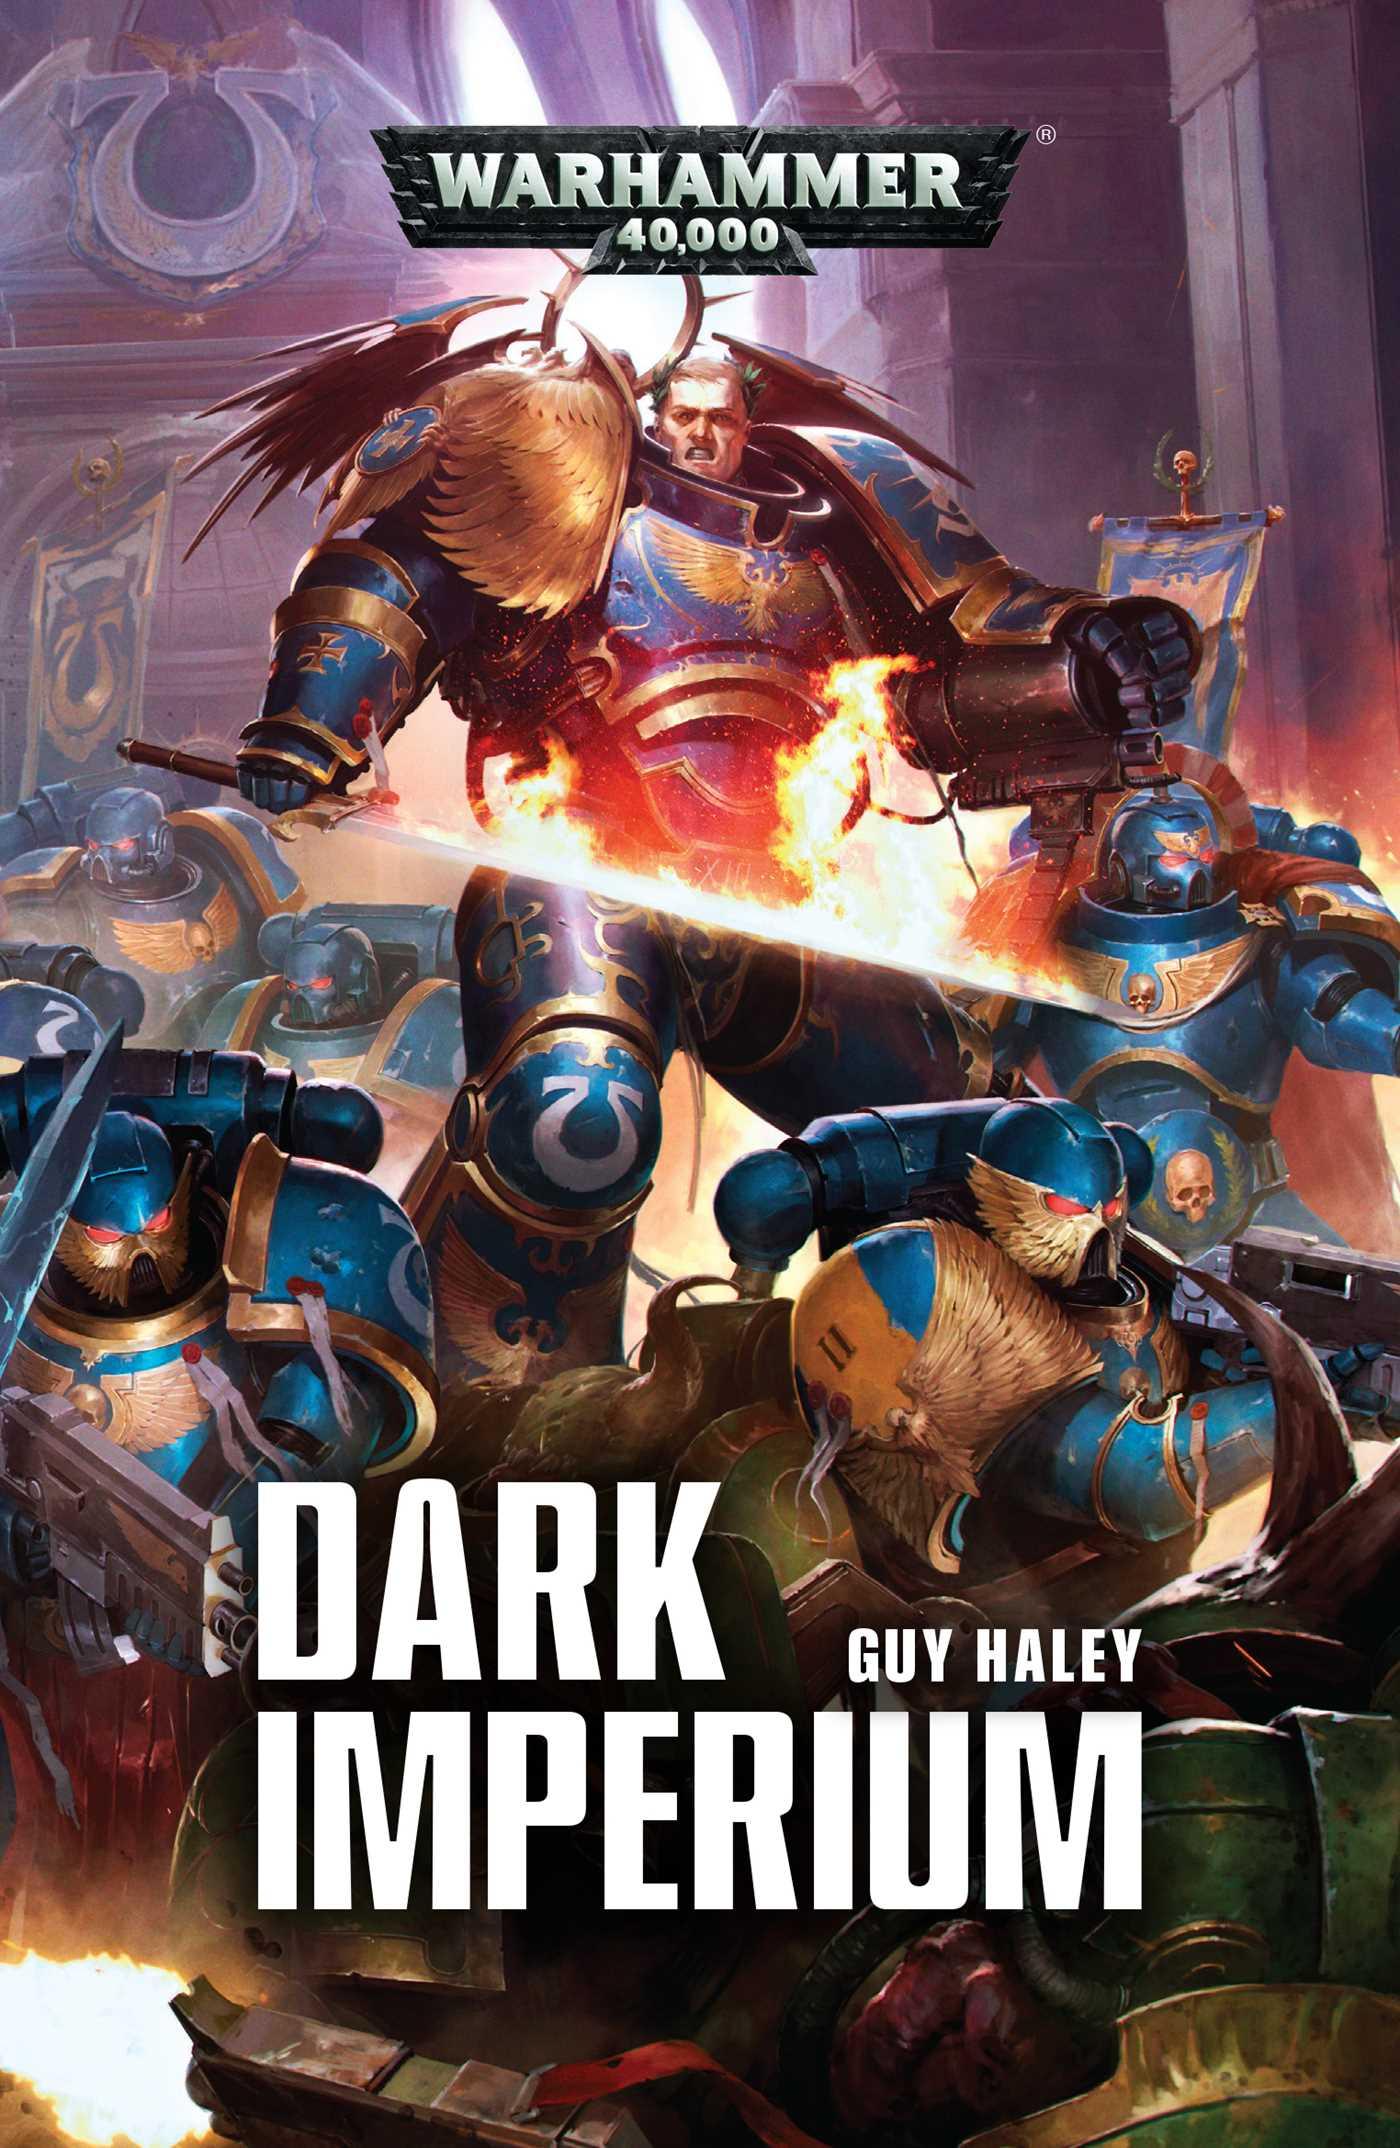 Dark imperium 9781784966645 hr